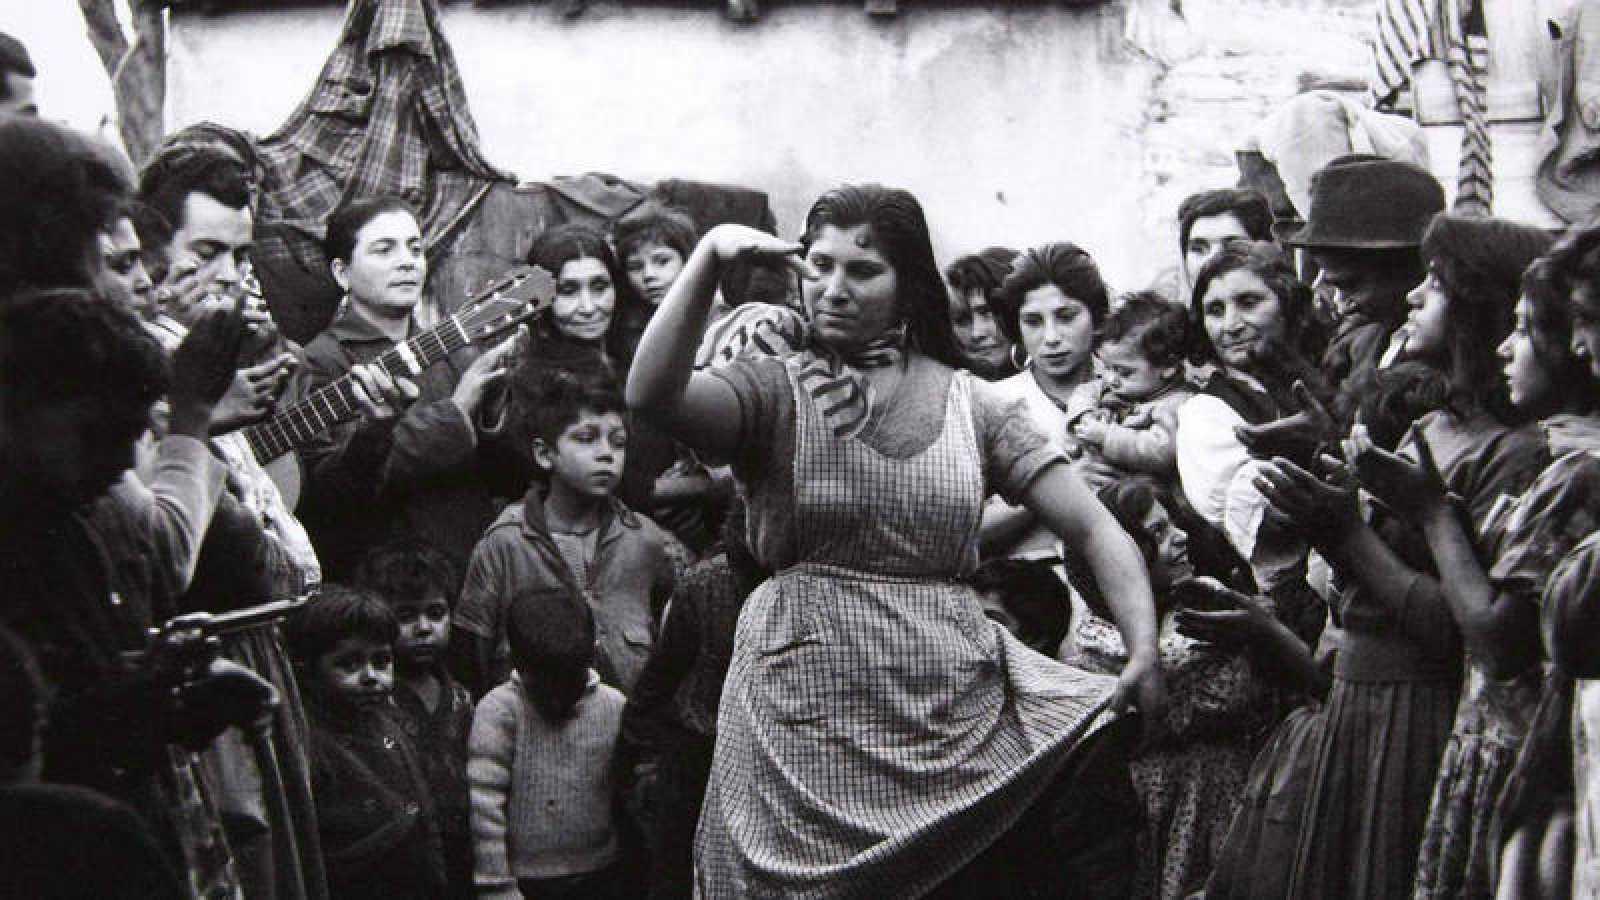 Comunidad tradicional de gitanos